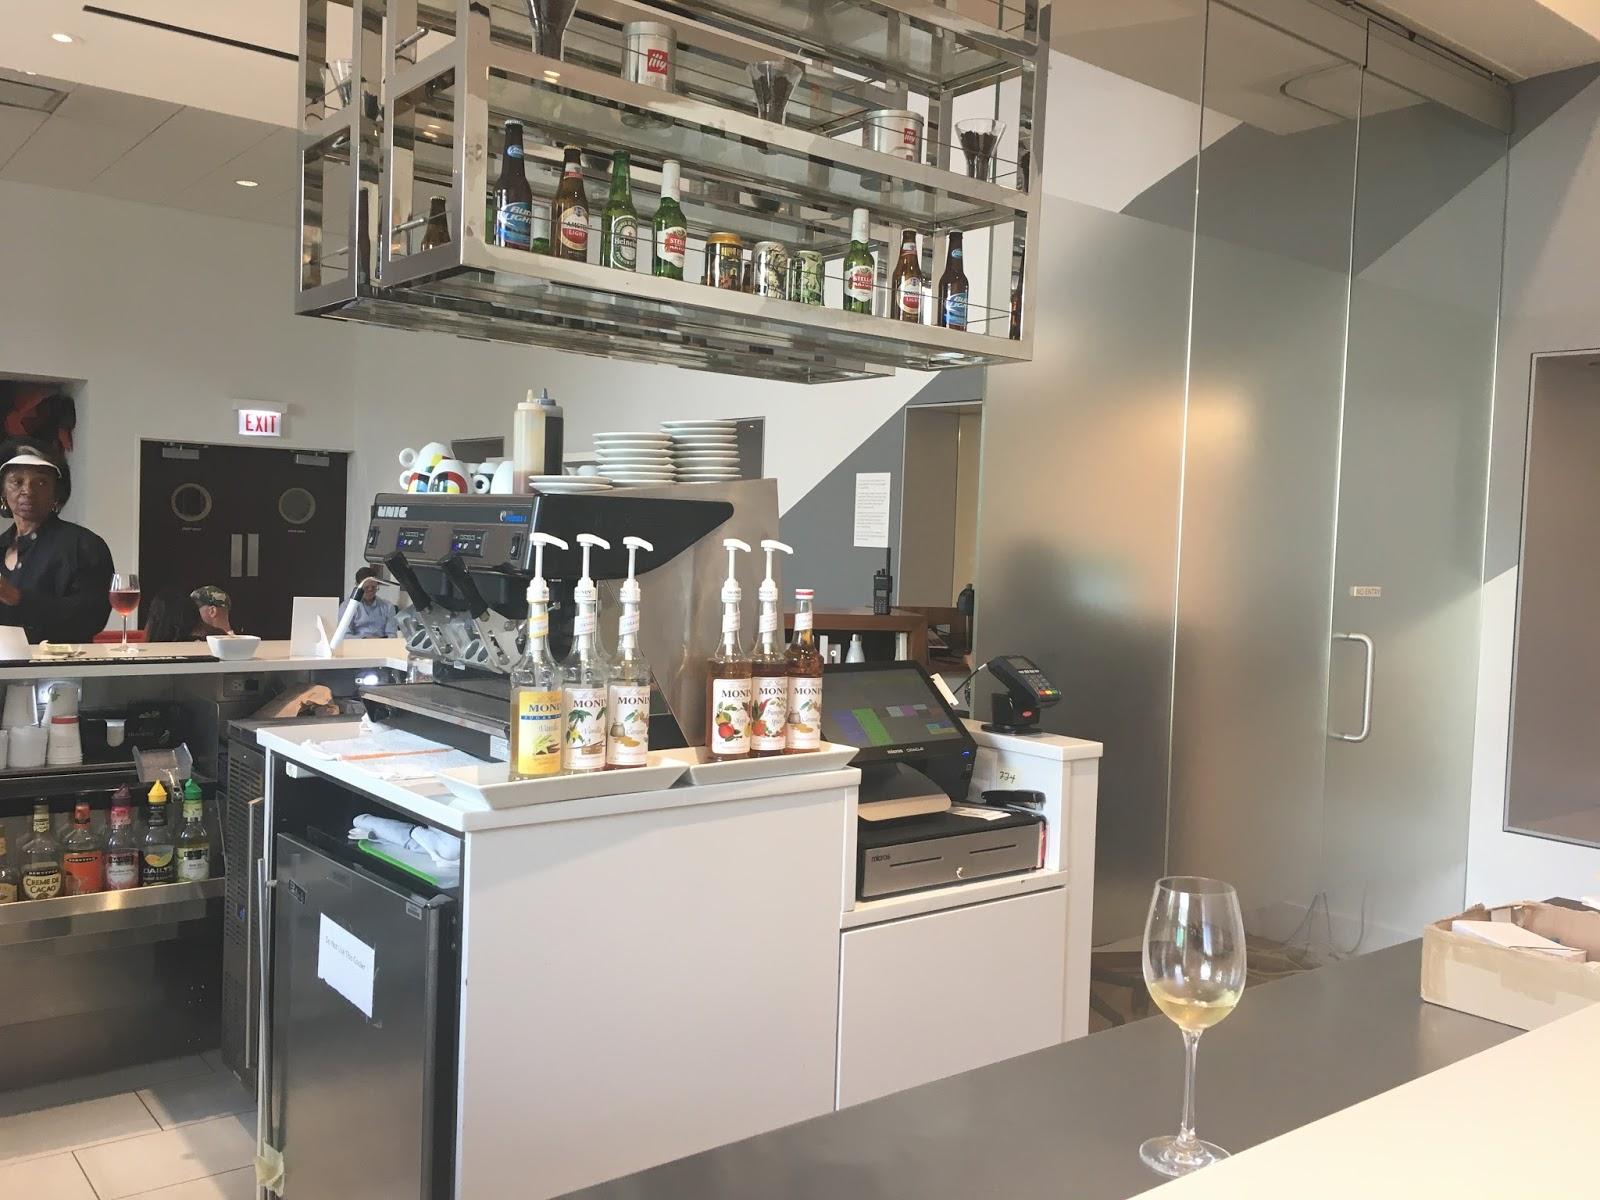 cafe la la chicago art institute coffee bar